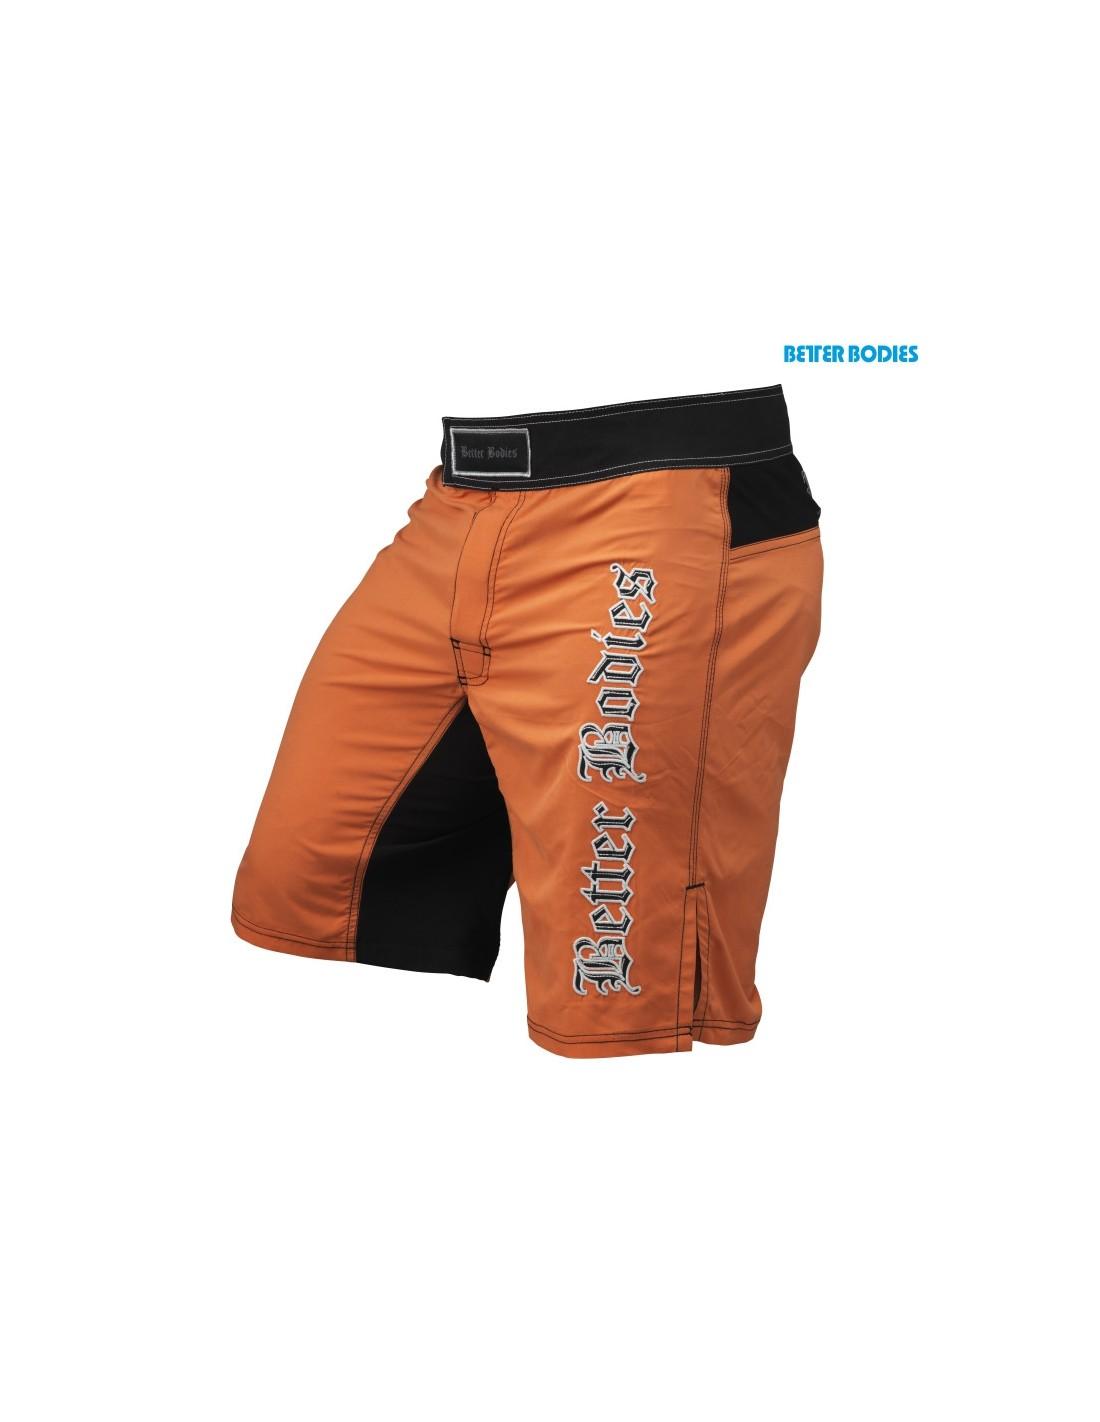 Flex Board Shorts